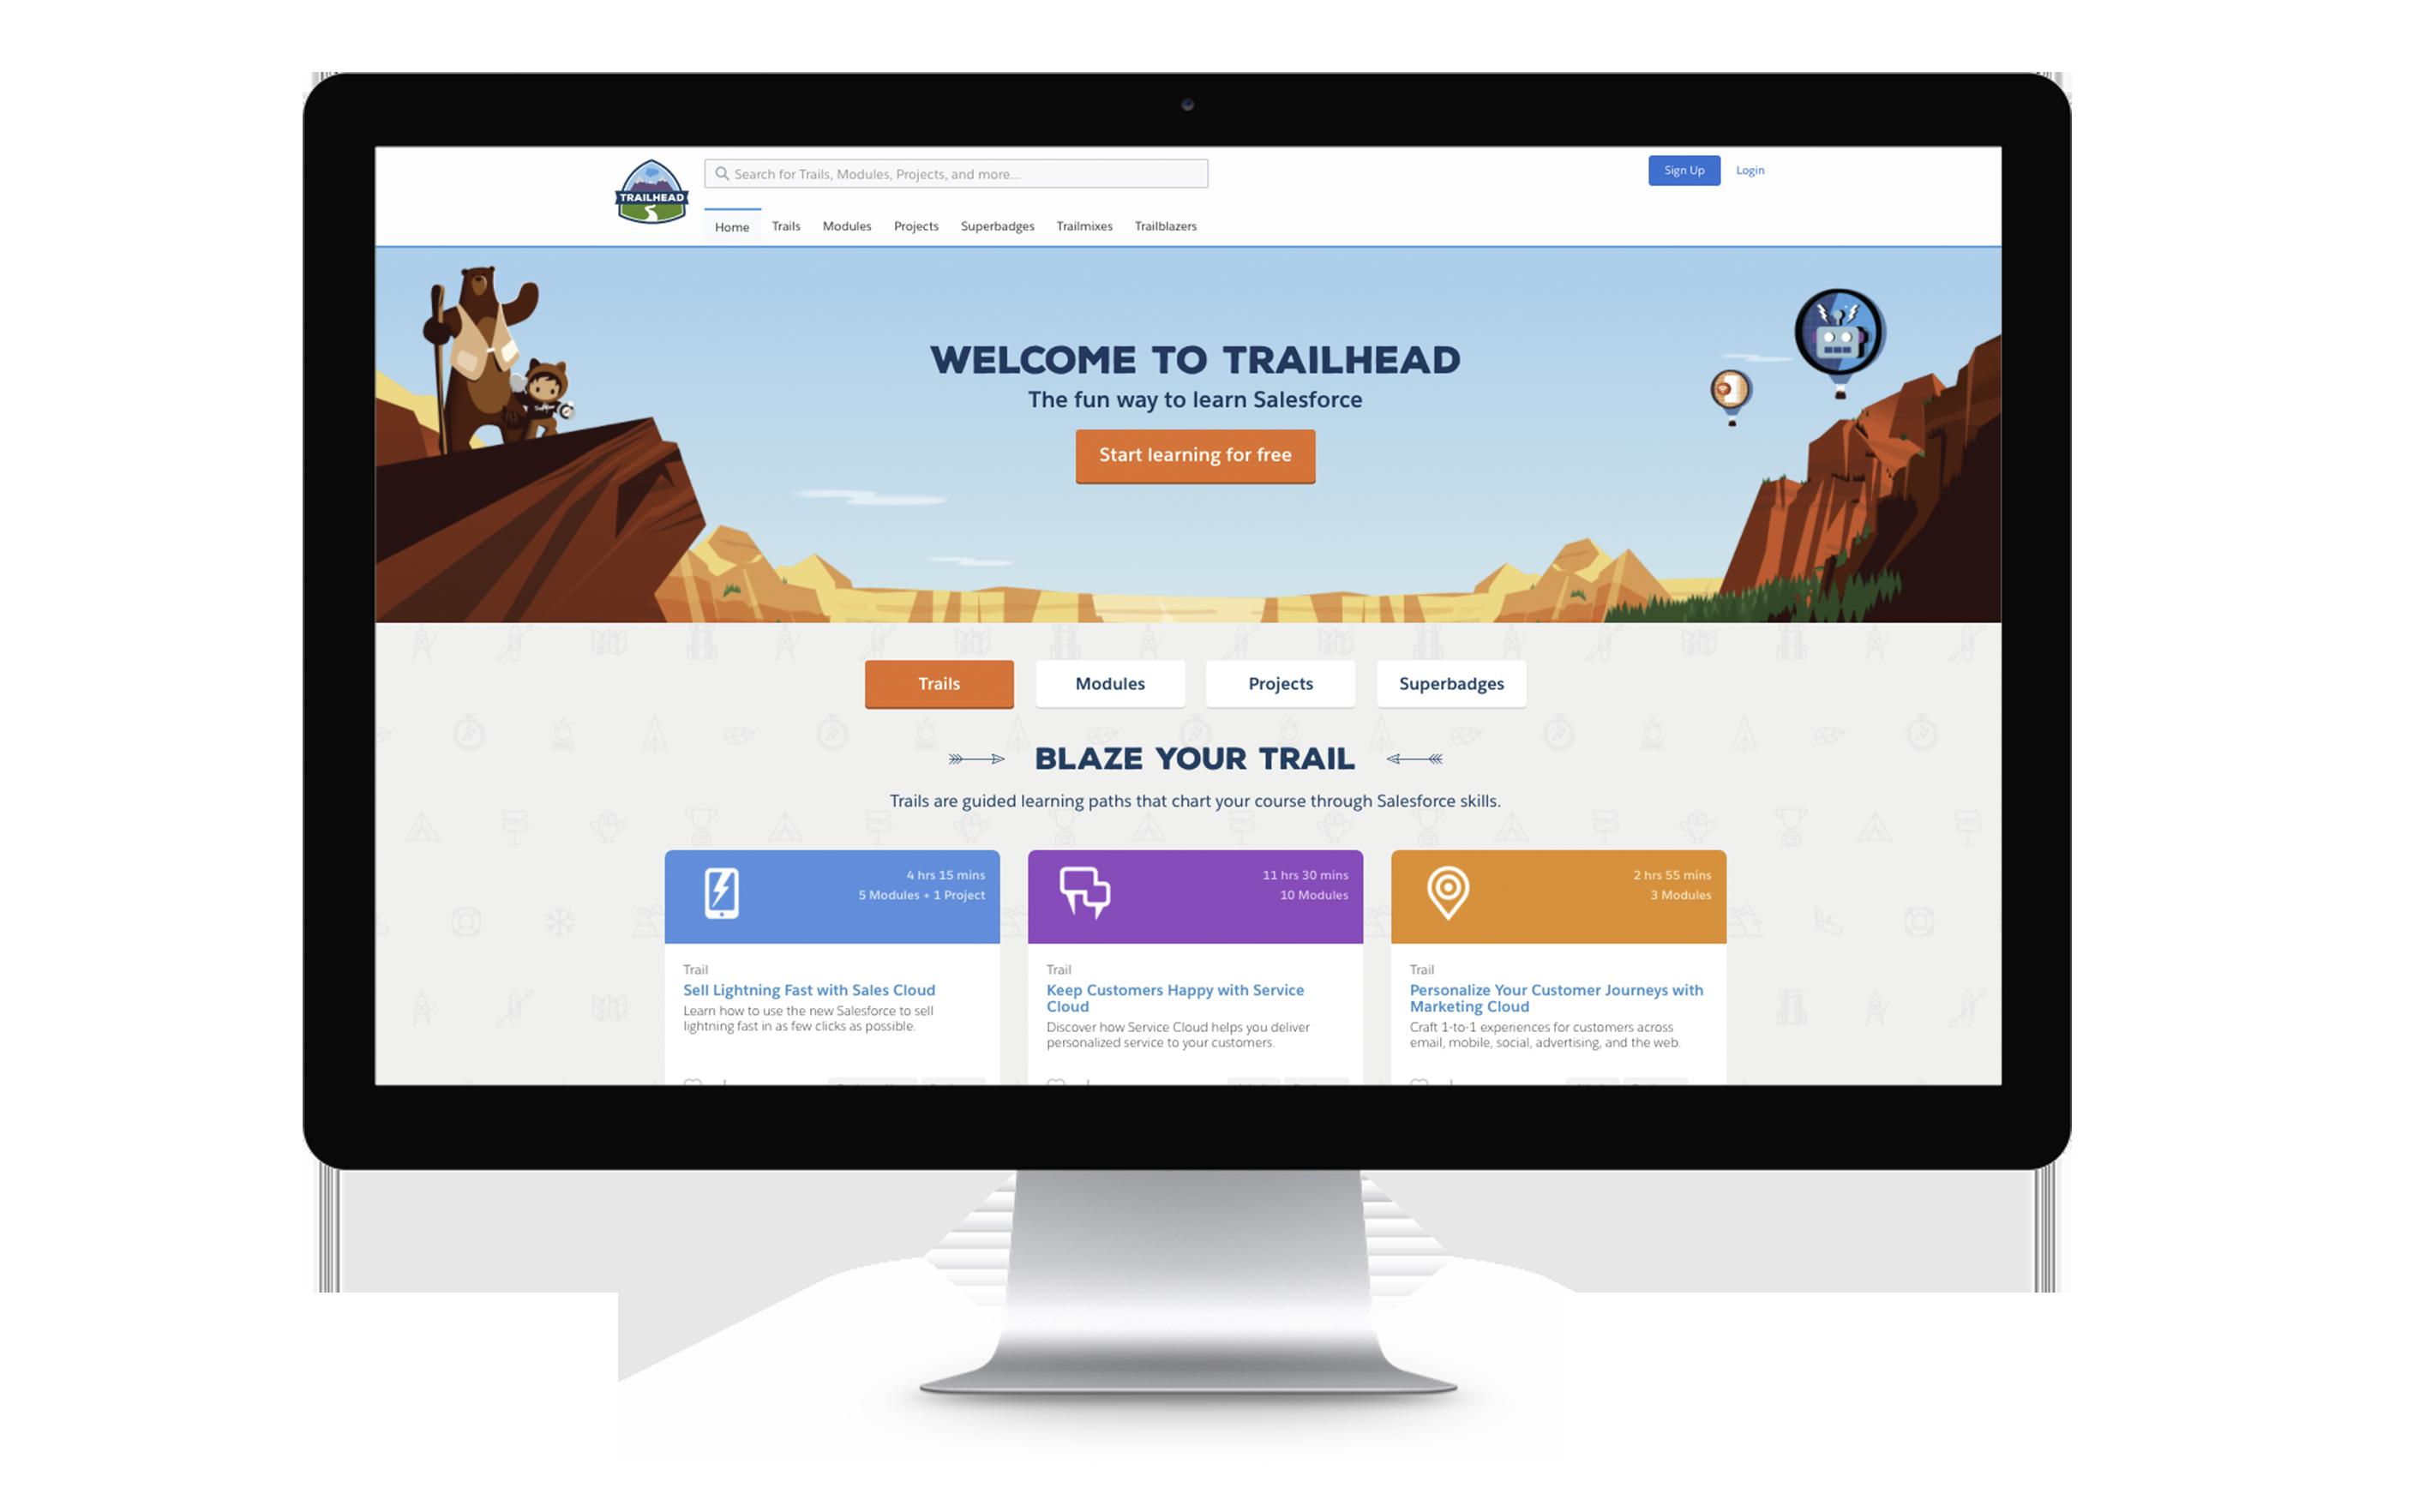 Las empresas podrán personalizar el contenido ofrecido en sus versiones de la plataforma de software Trailhead.